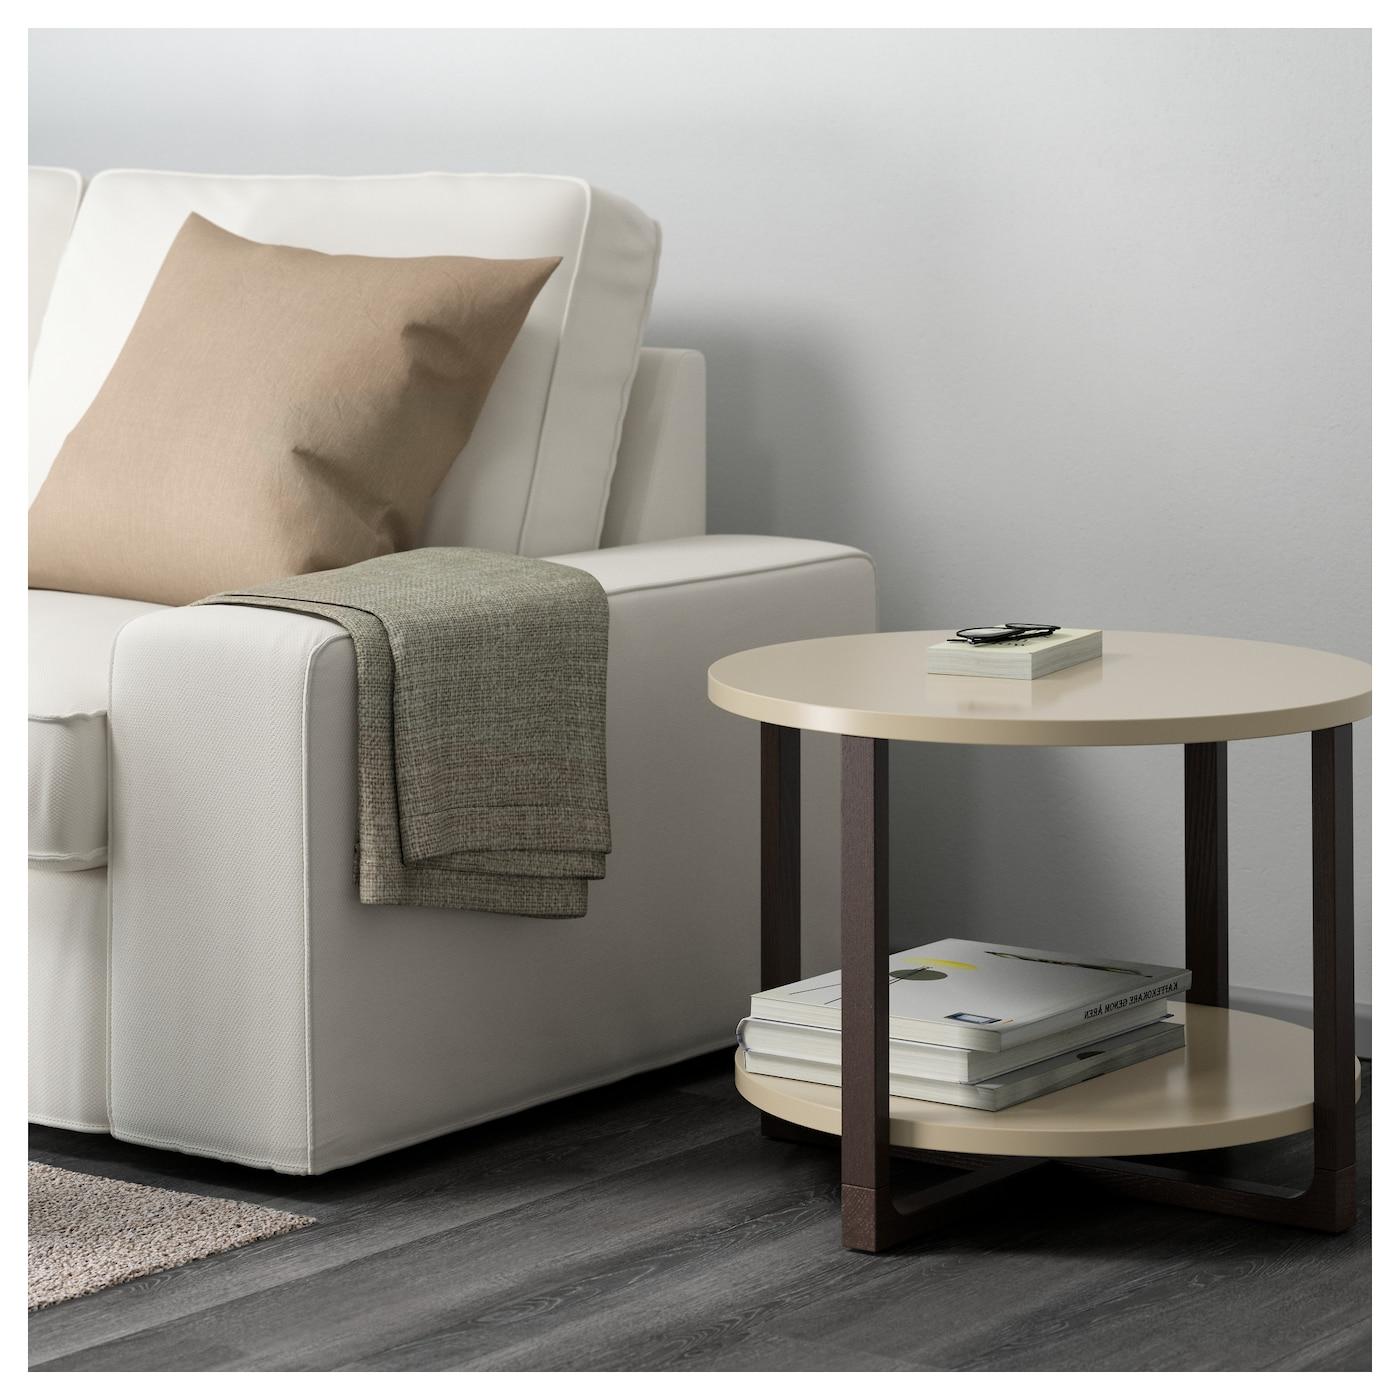 RISSNA Side table Beige 60 cm IKEA